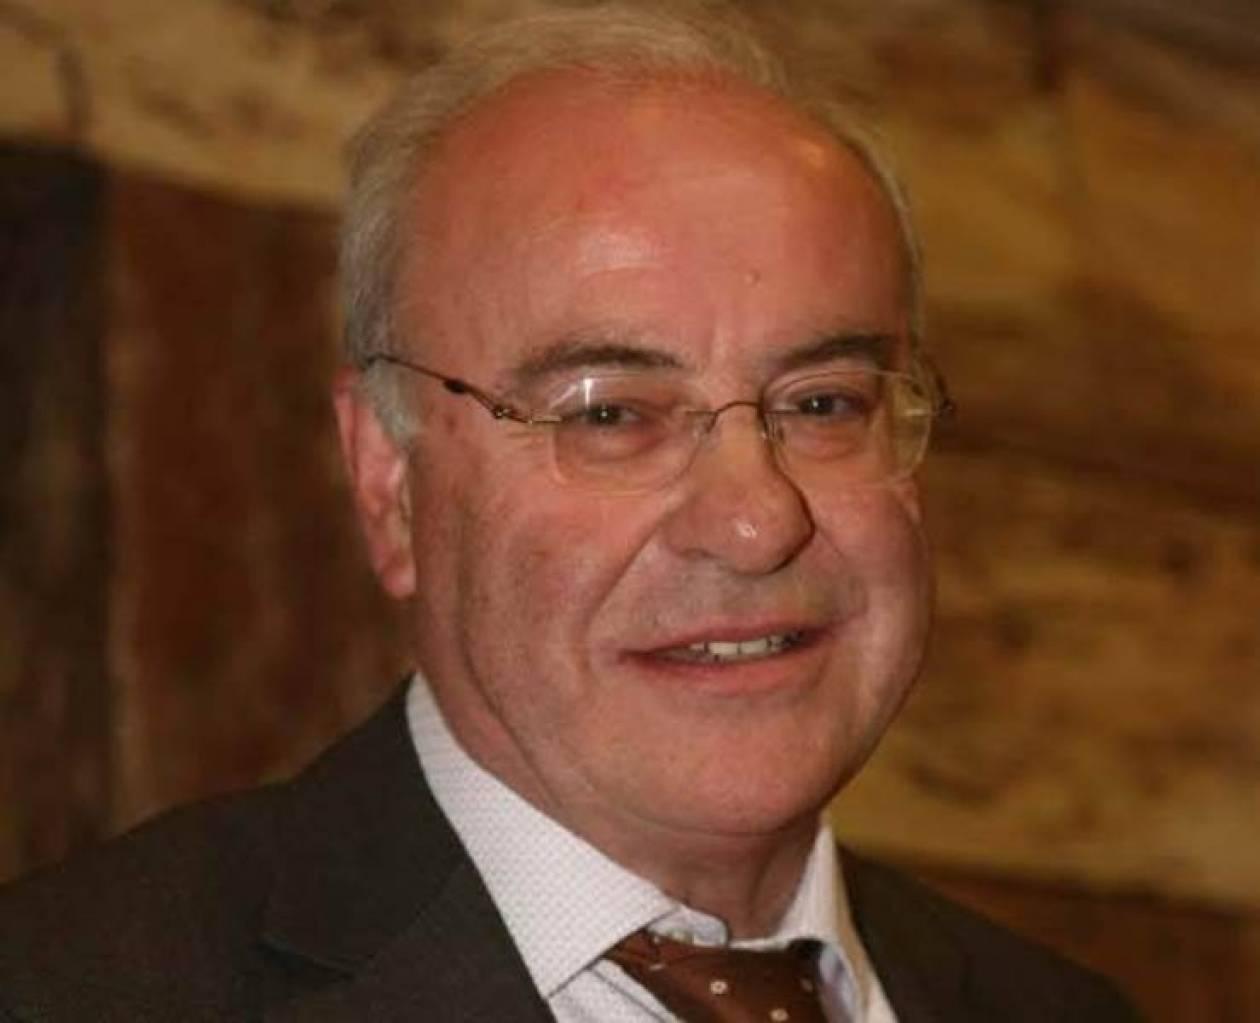 Νεράντζης: Δεν υπάρχουν βουλευτές στην έκθεση Νικολούδη